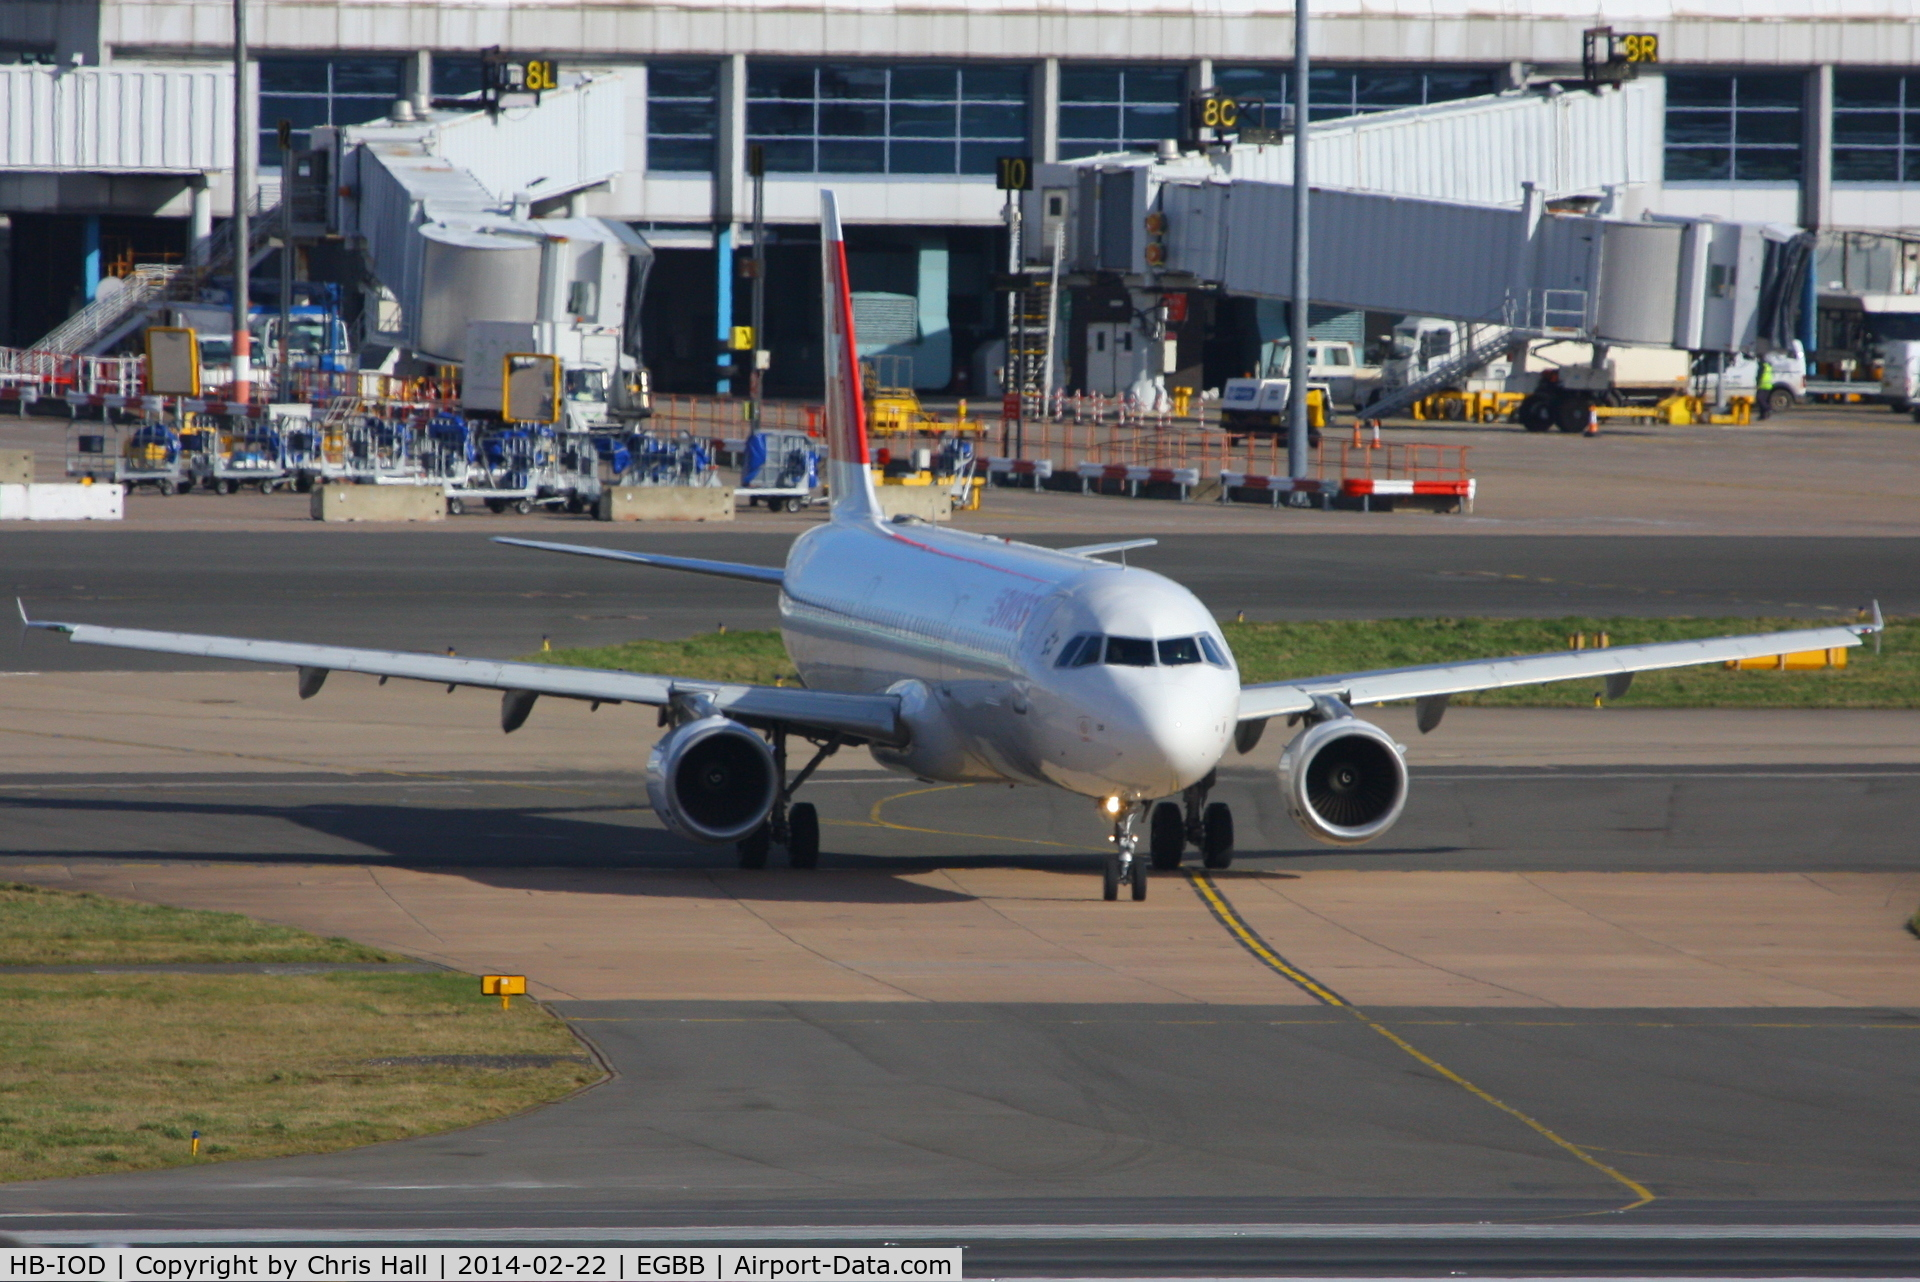 HB-IOD, 1995 Airbus A321-111 C/N 522, Swiss International Air Lines